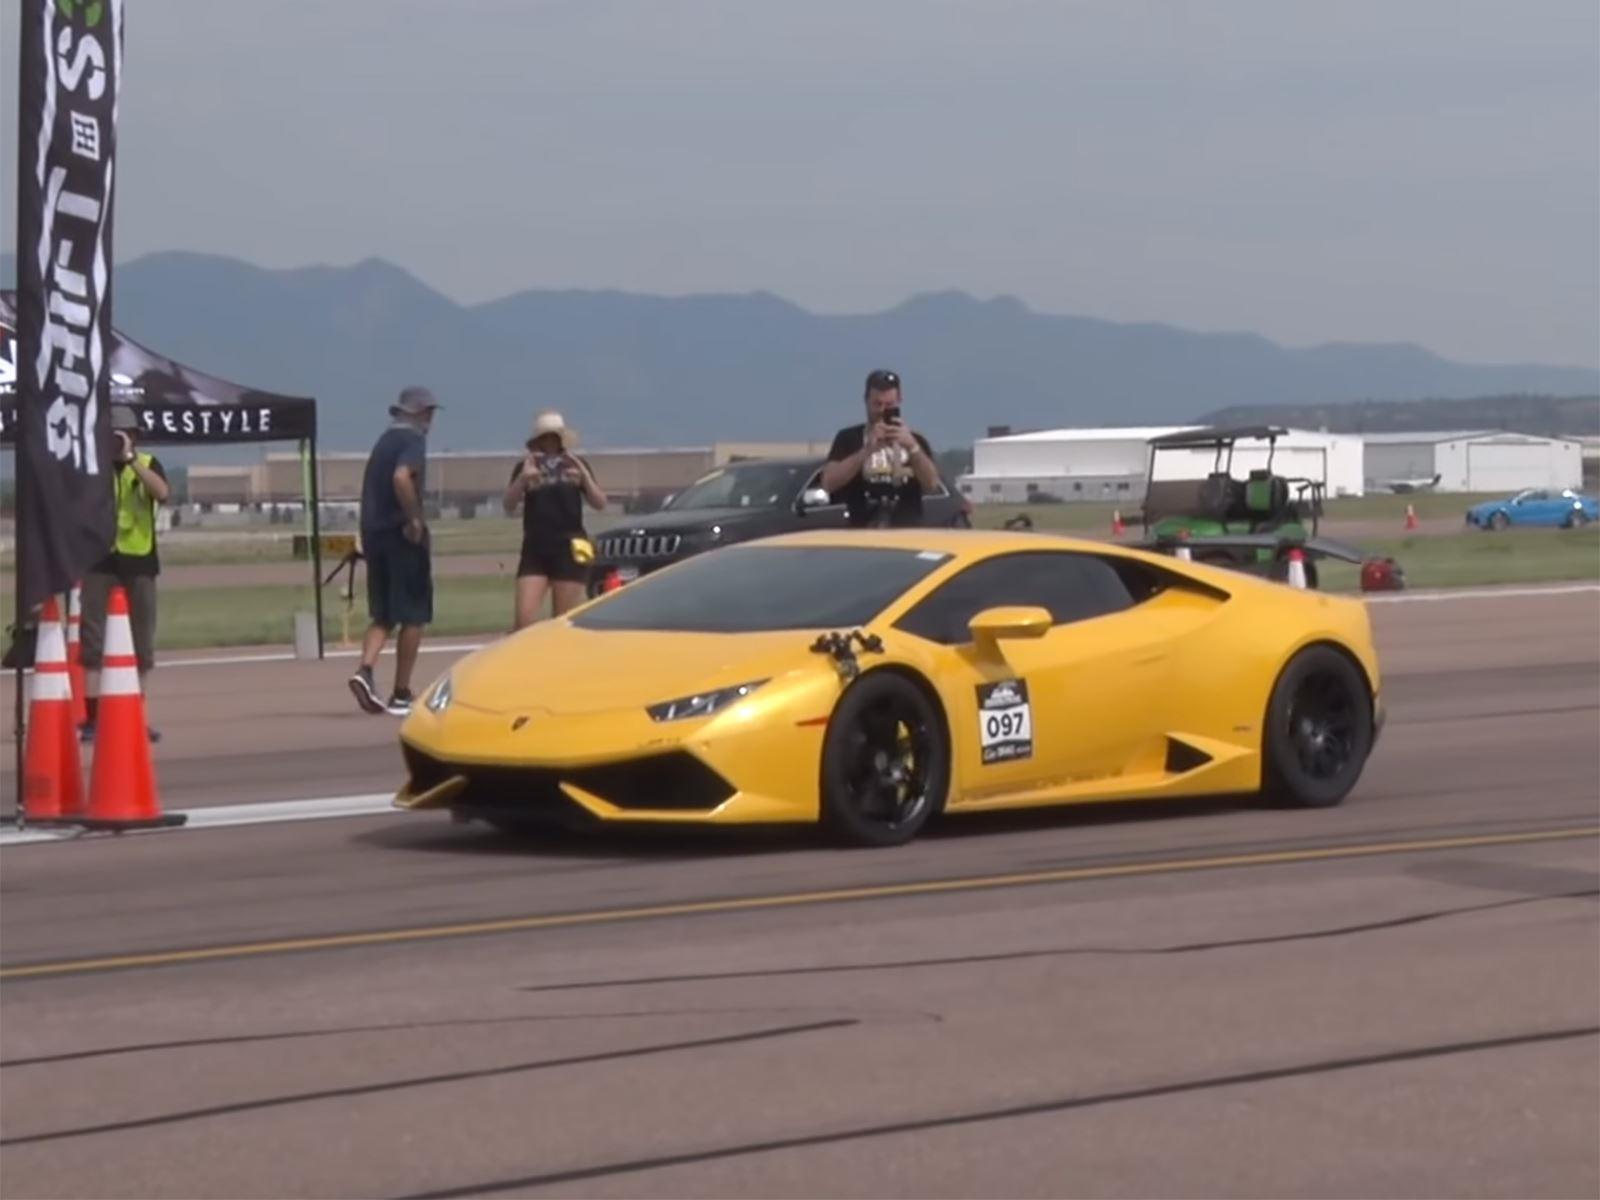 Несколько суперкаров были замечены в дуэлях на Pikes Peak Airstrip Attack, но самым выдающимся из них был Lamborghini Huracan с двойным турбонаддувом, настроенный Underground Racing.